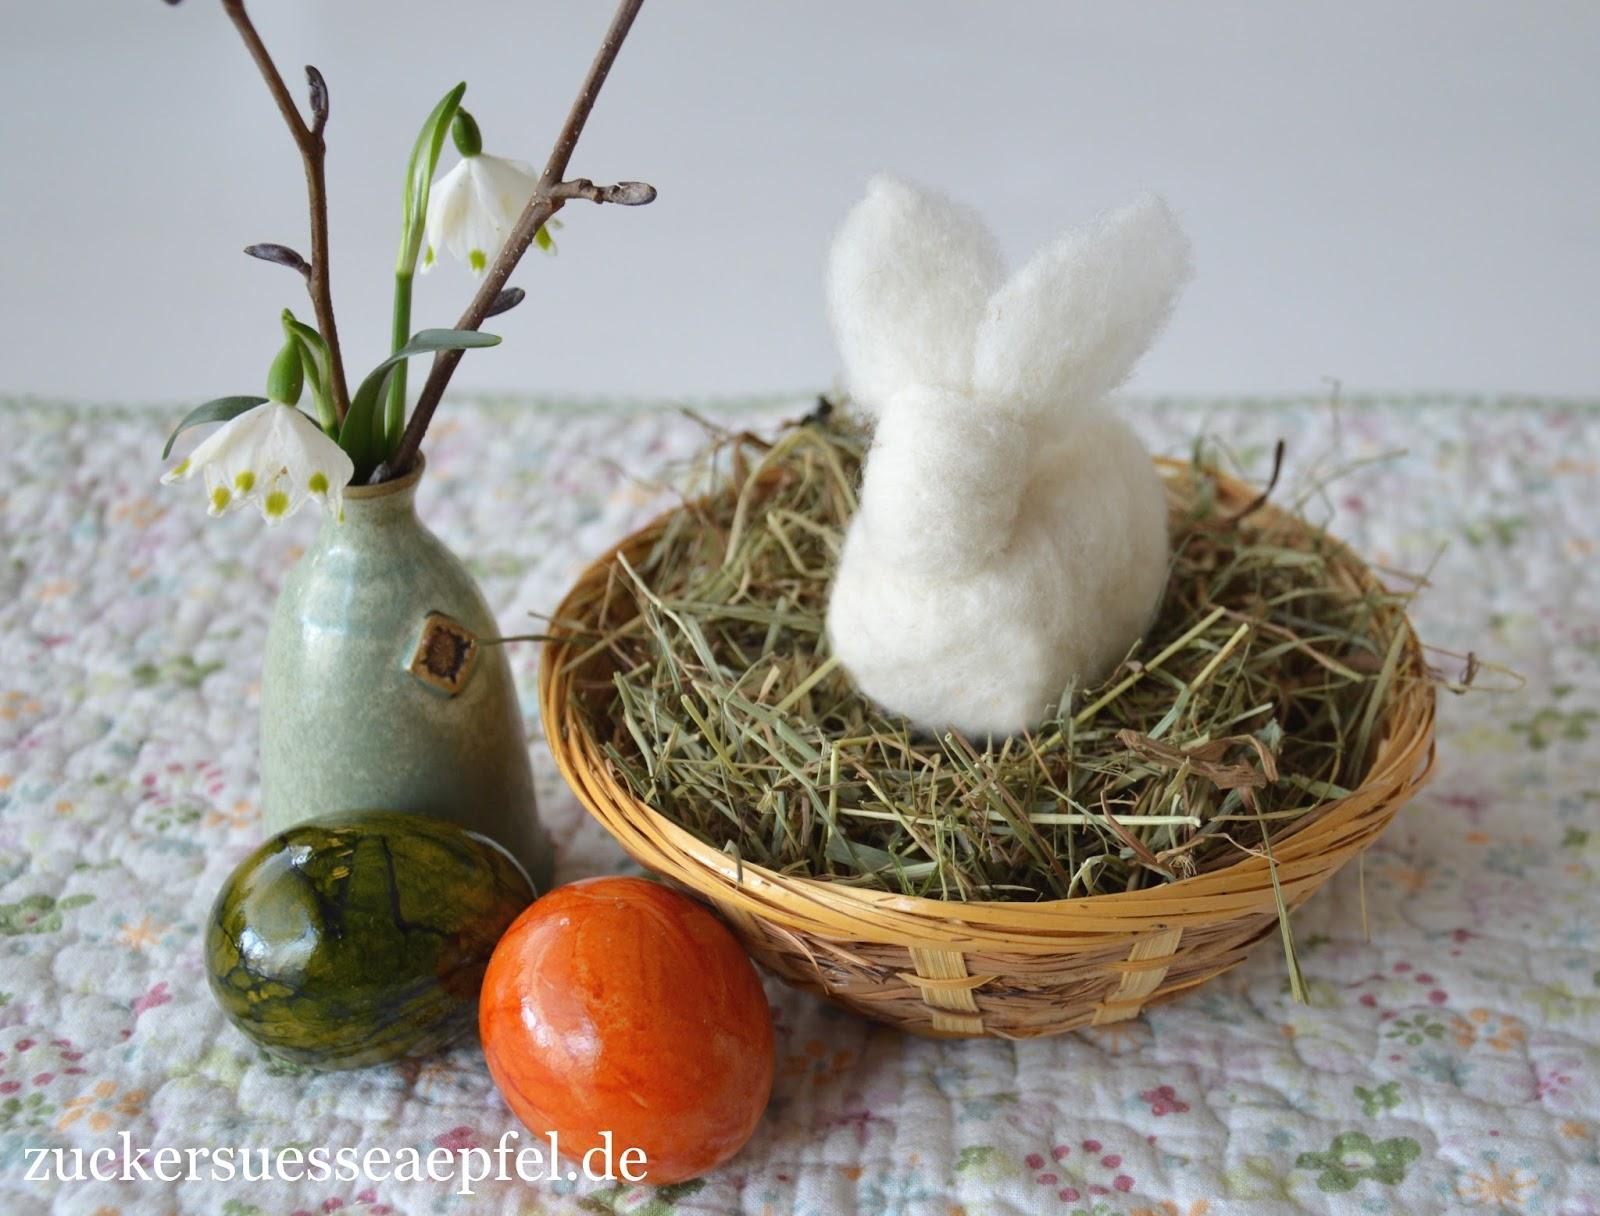 Süße Gefilzte Hasen Als Geschenk Zu Ostern Als Osterdekoration Oder